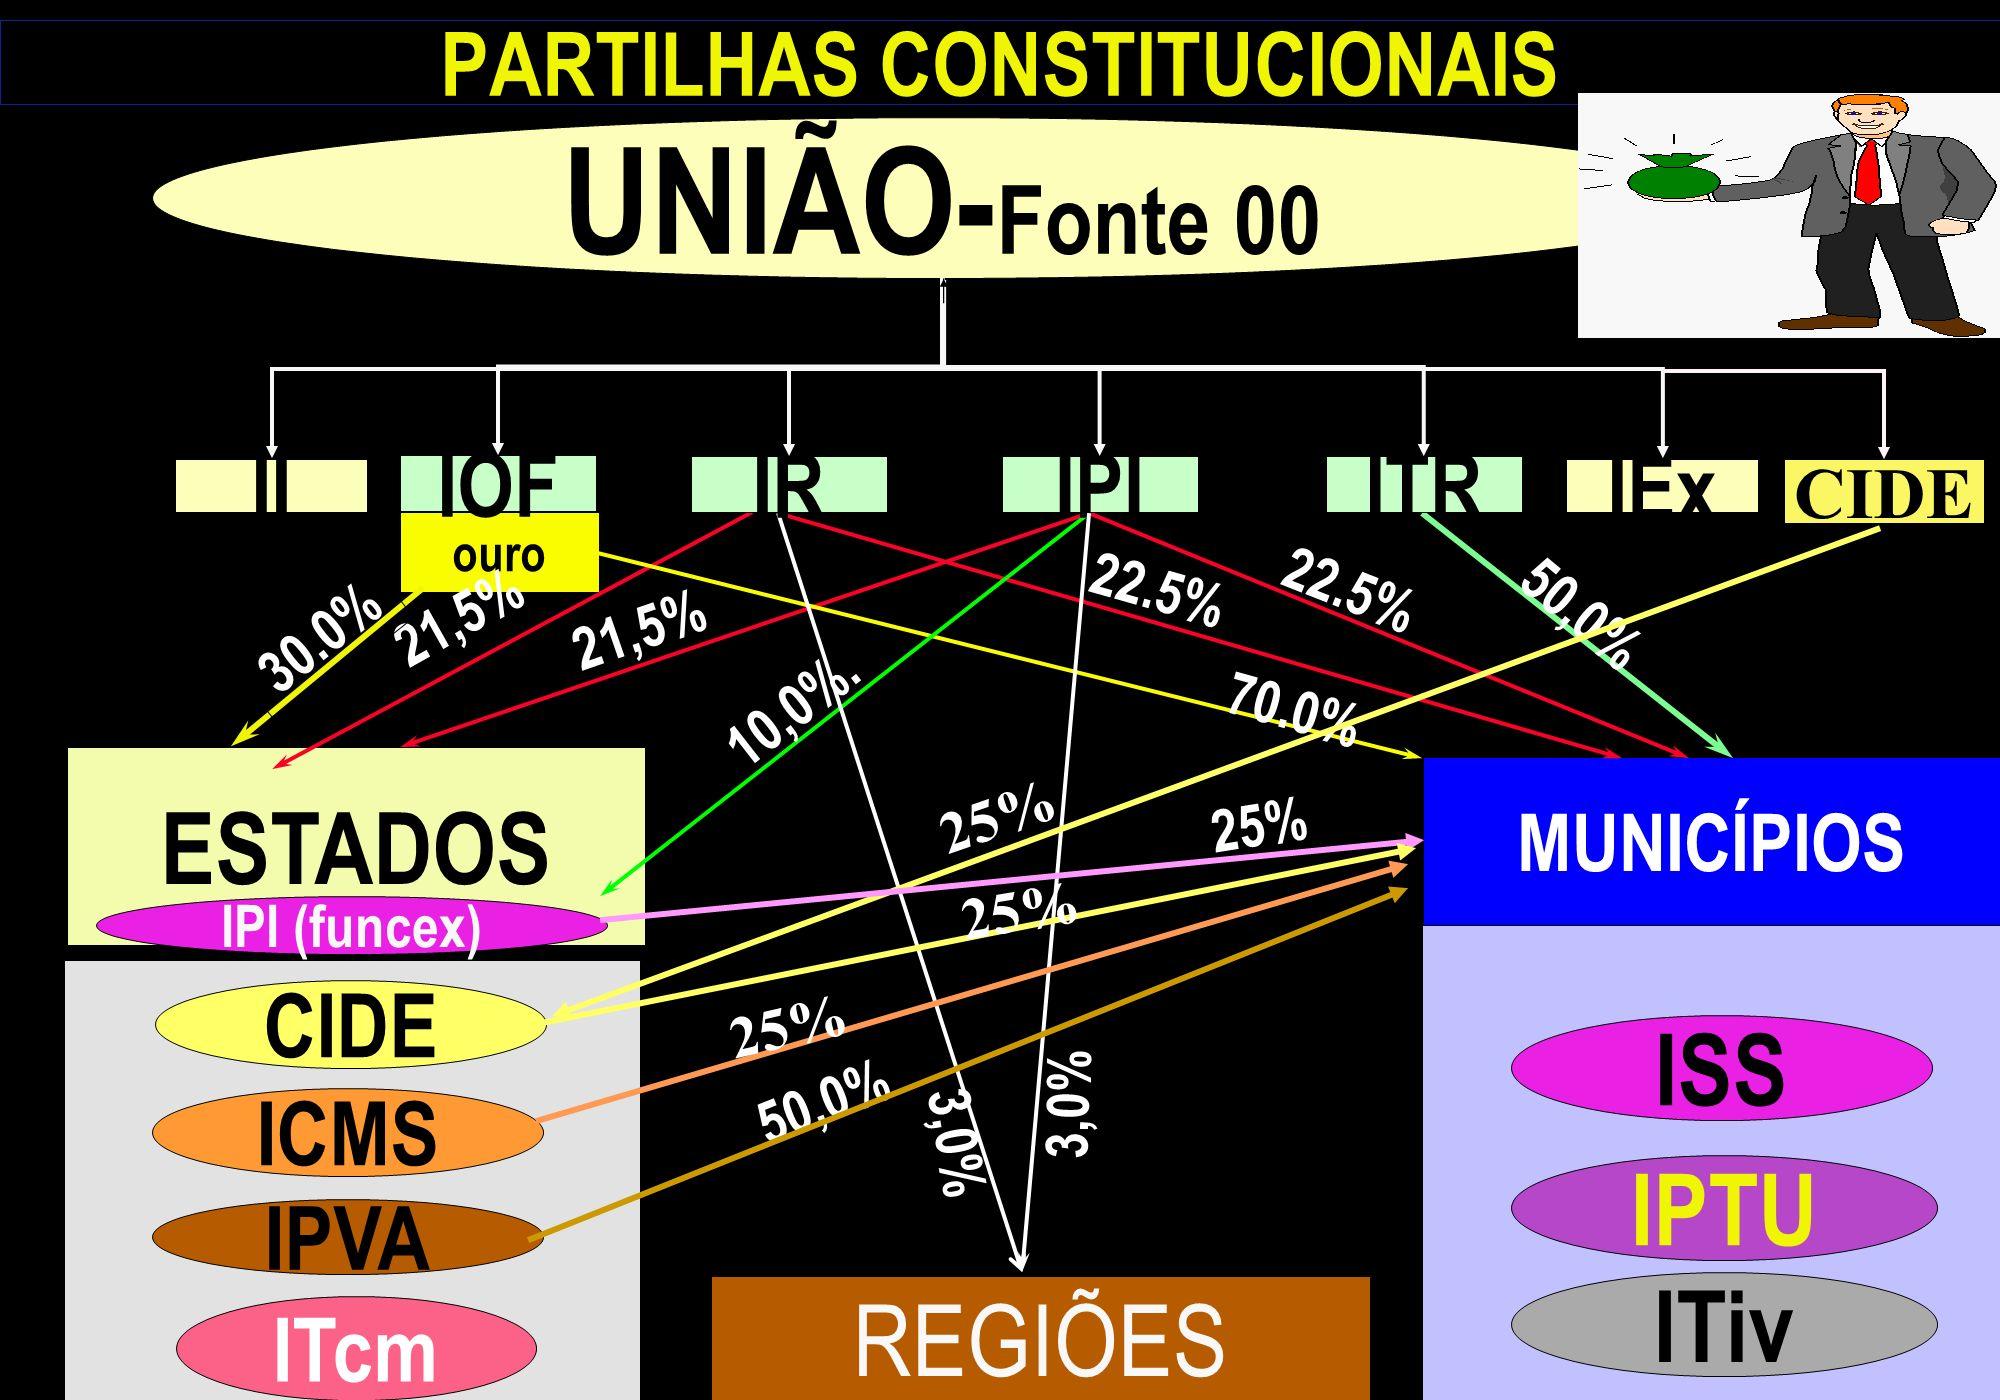 PARTILHAS CONSTITUCIONAIS